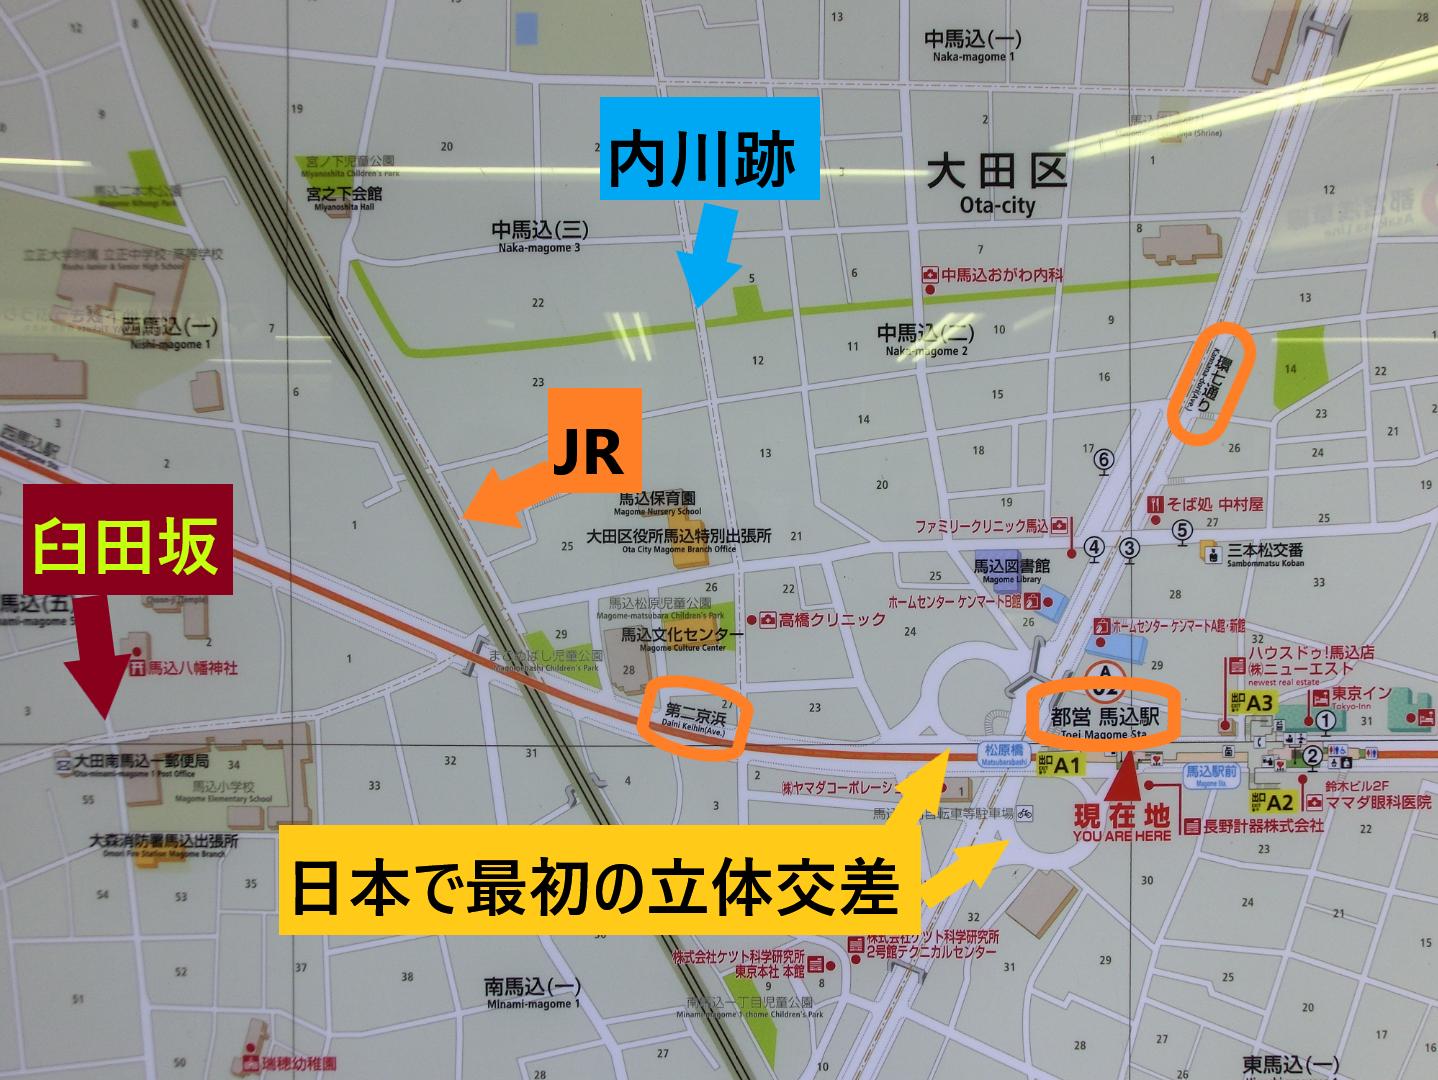 馬込駅地図 臼田坂散策1